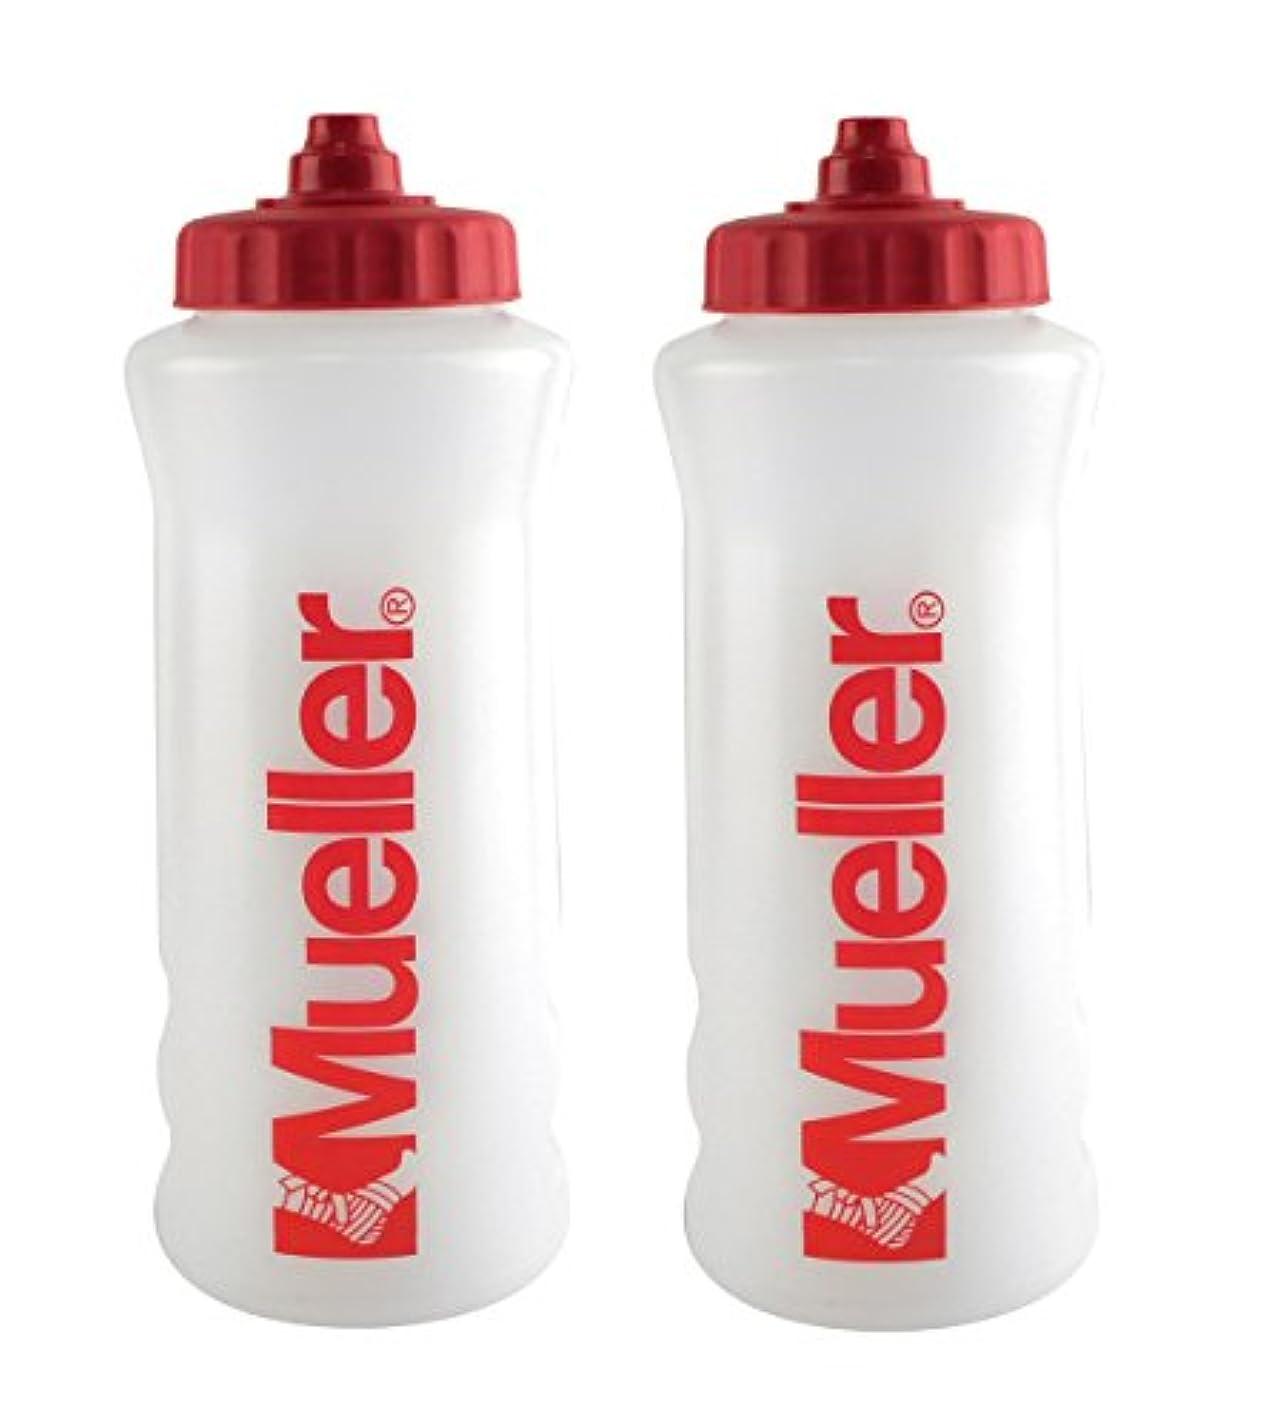 ブラウザ欠員フロンティアMueller QuartボトルW / Sureshot Squeeze (新しいデザイン、ナチュラルカラーW /レッドLetters